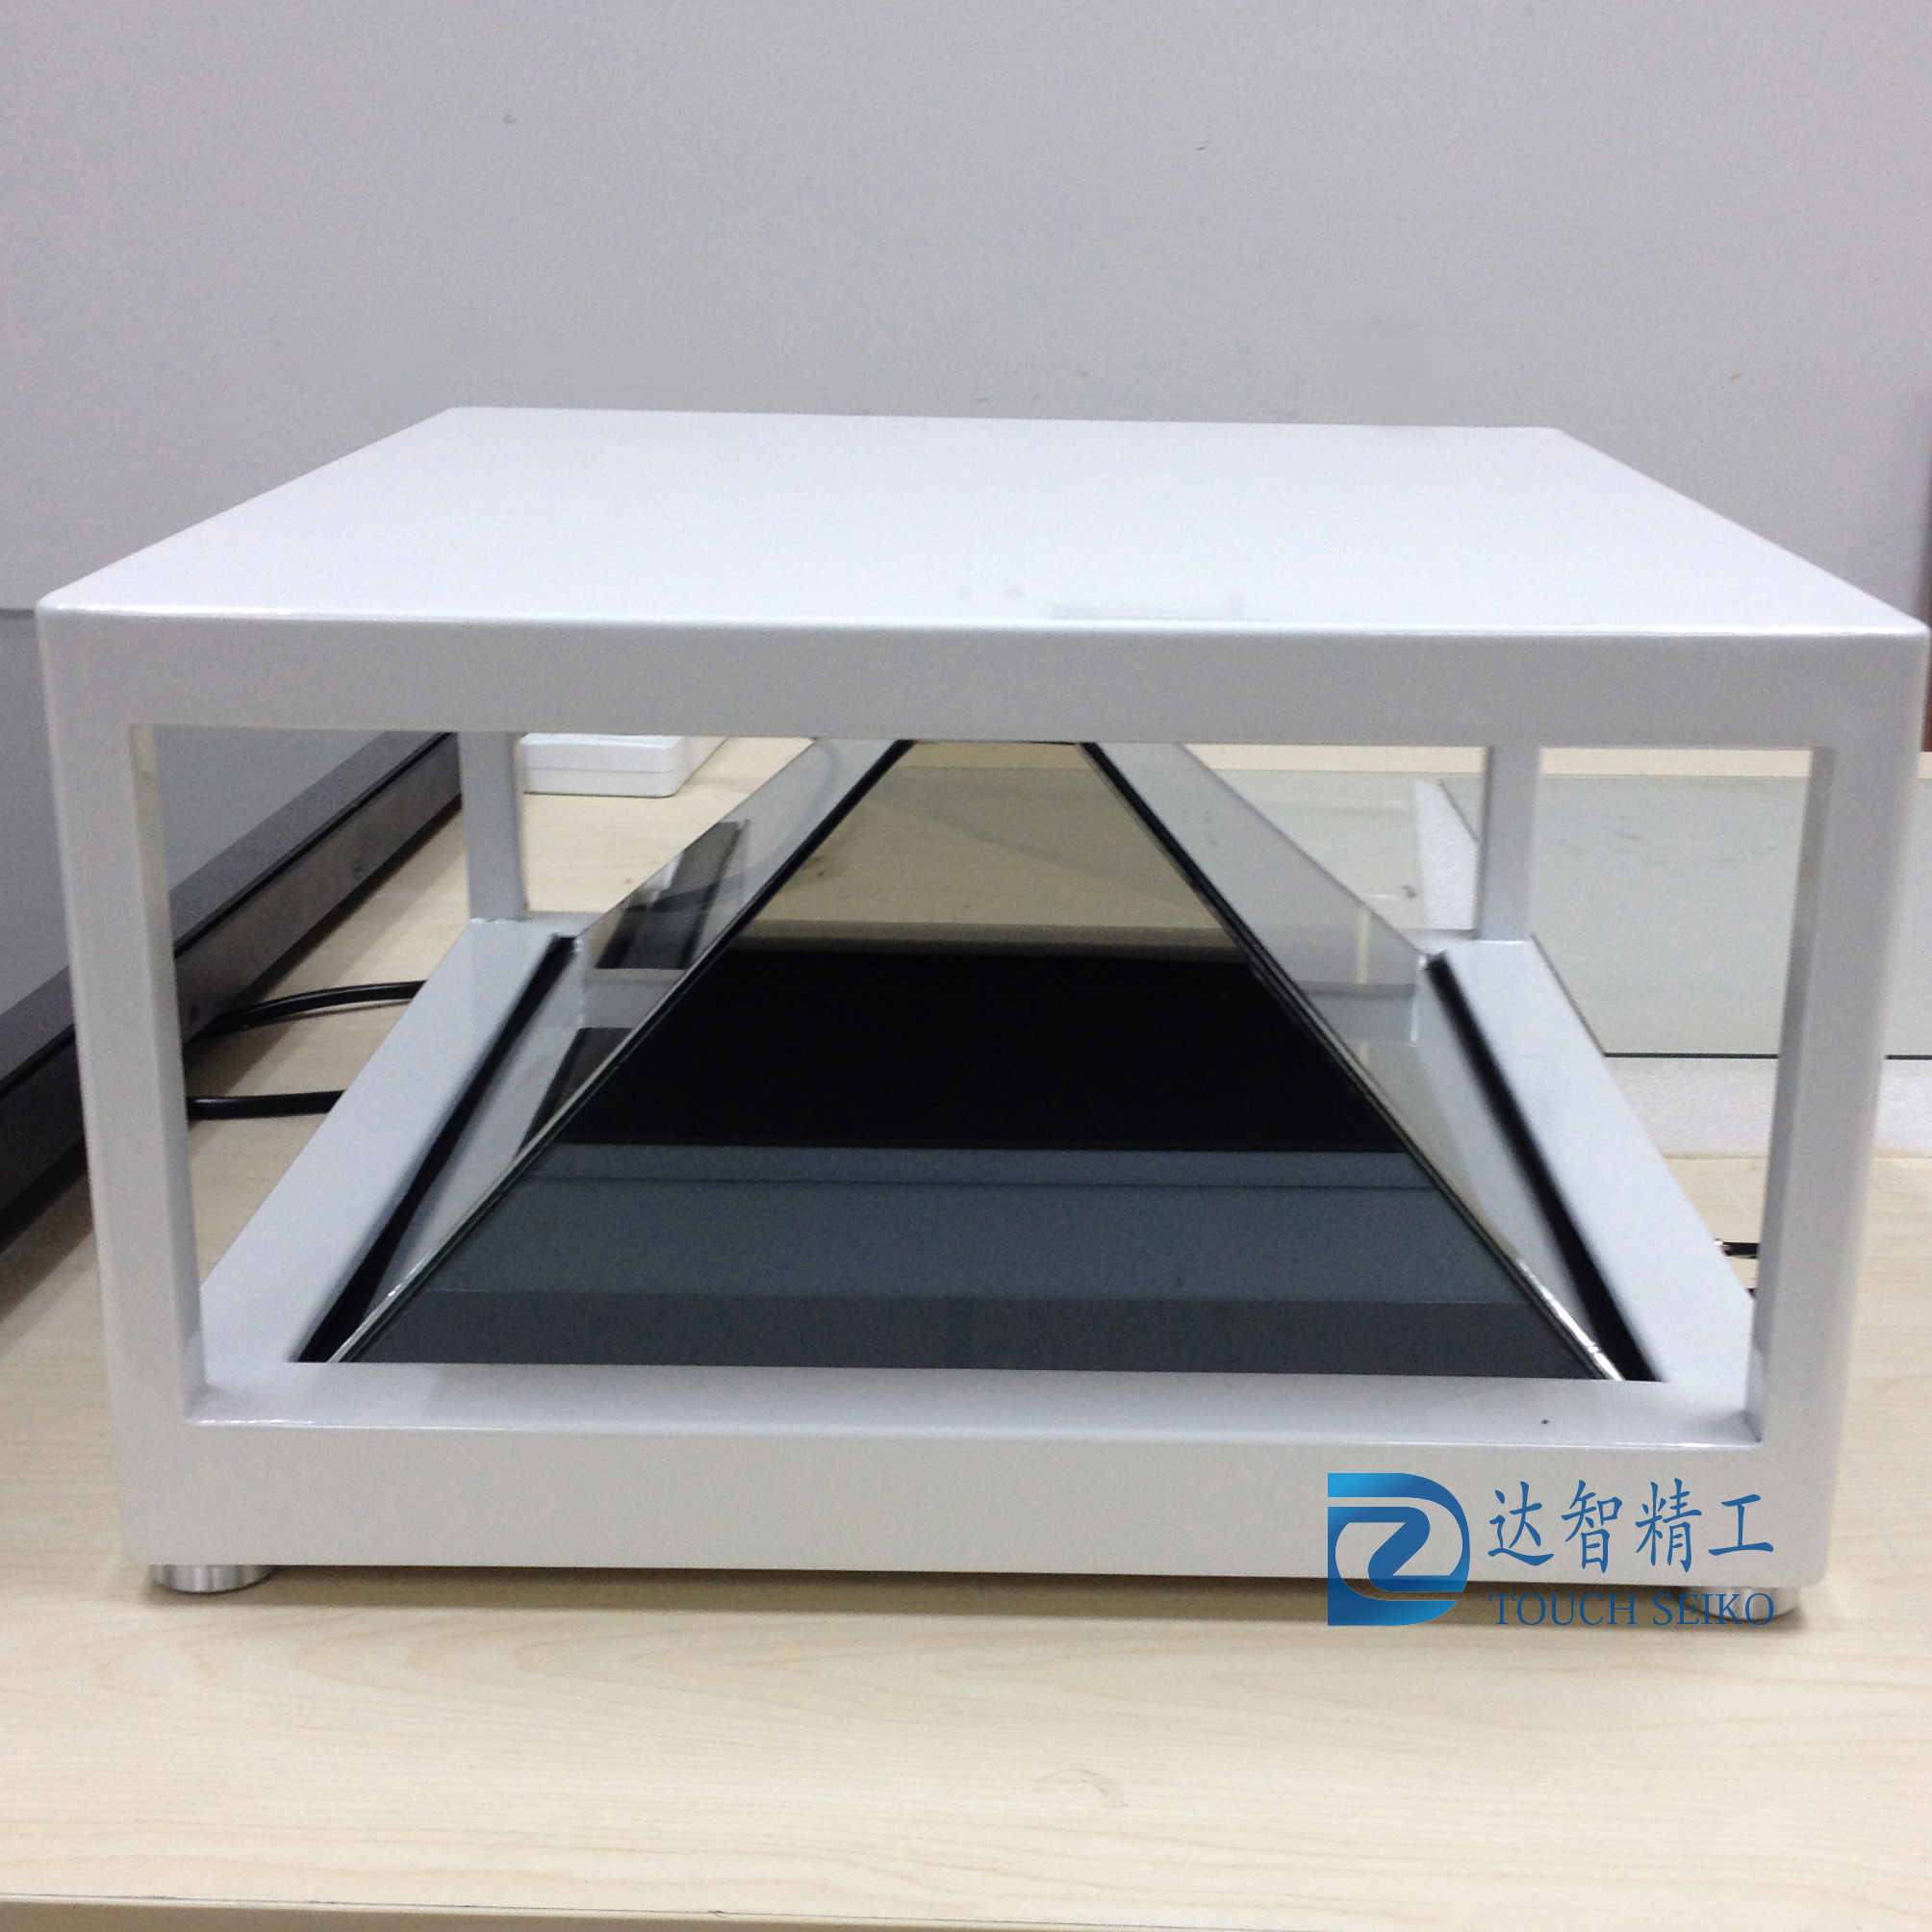 4k裸眼3D全息展示柜